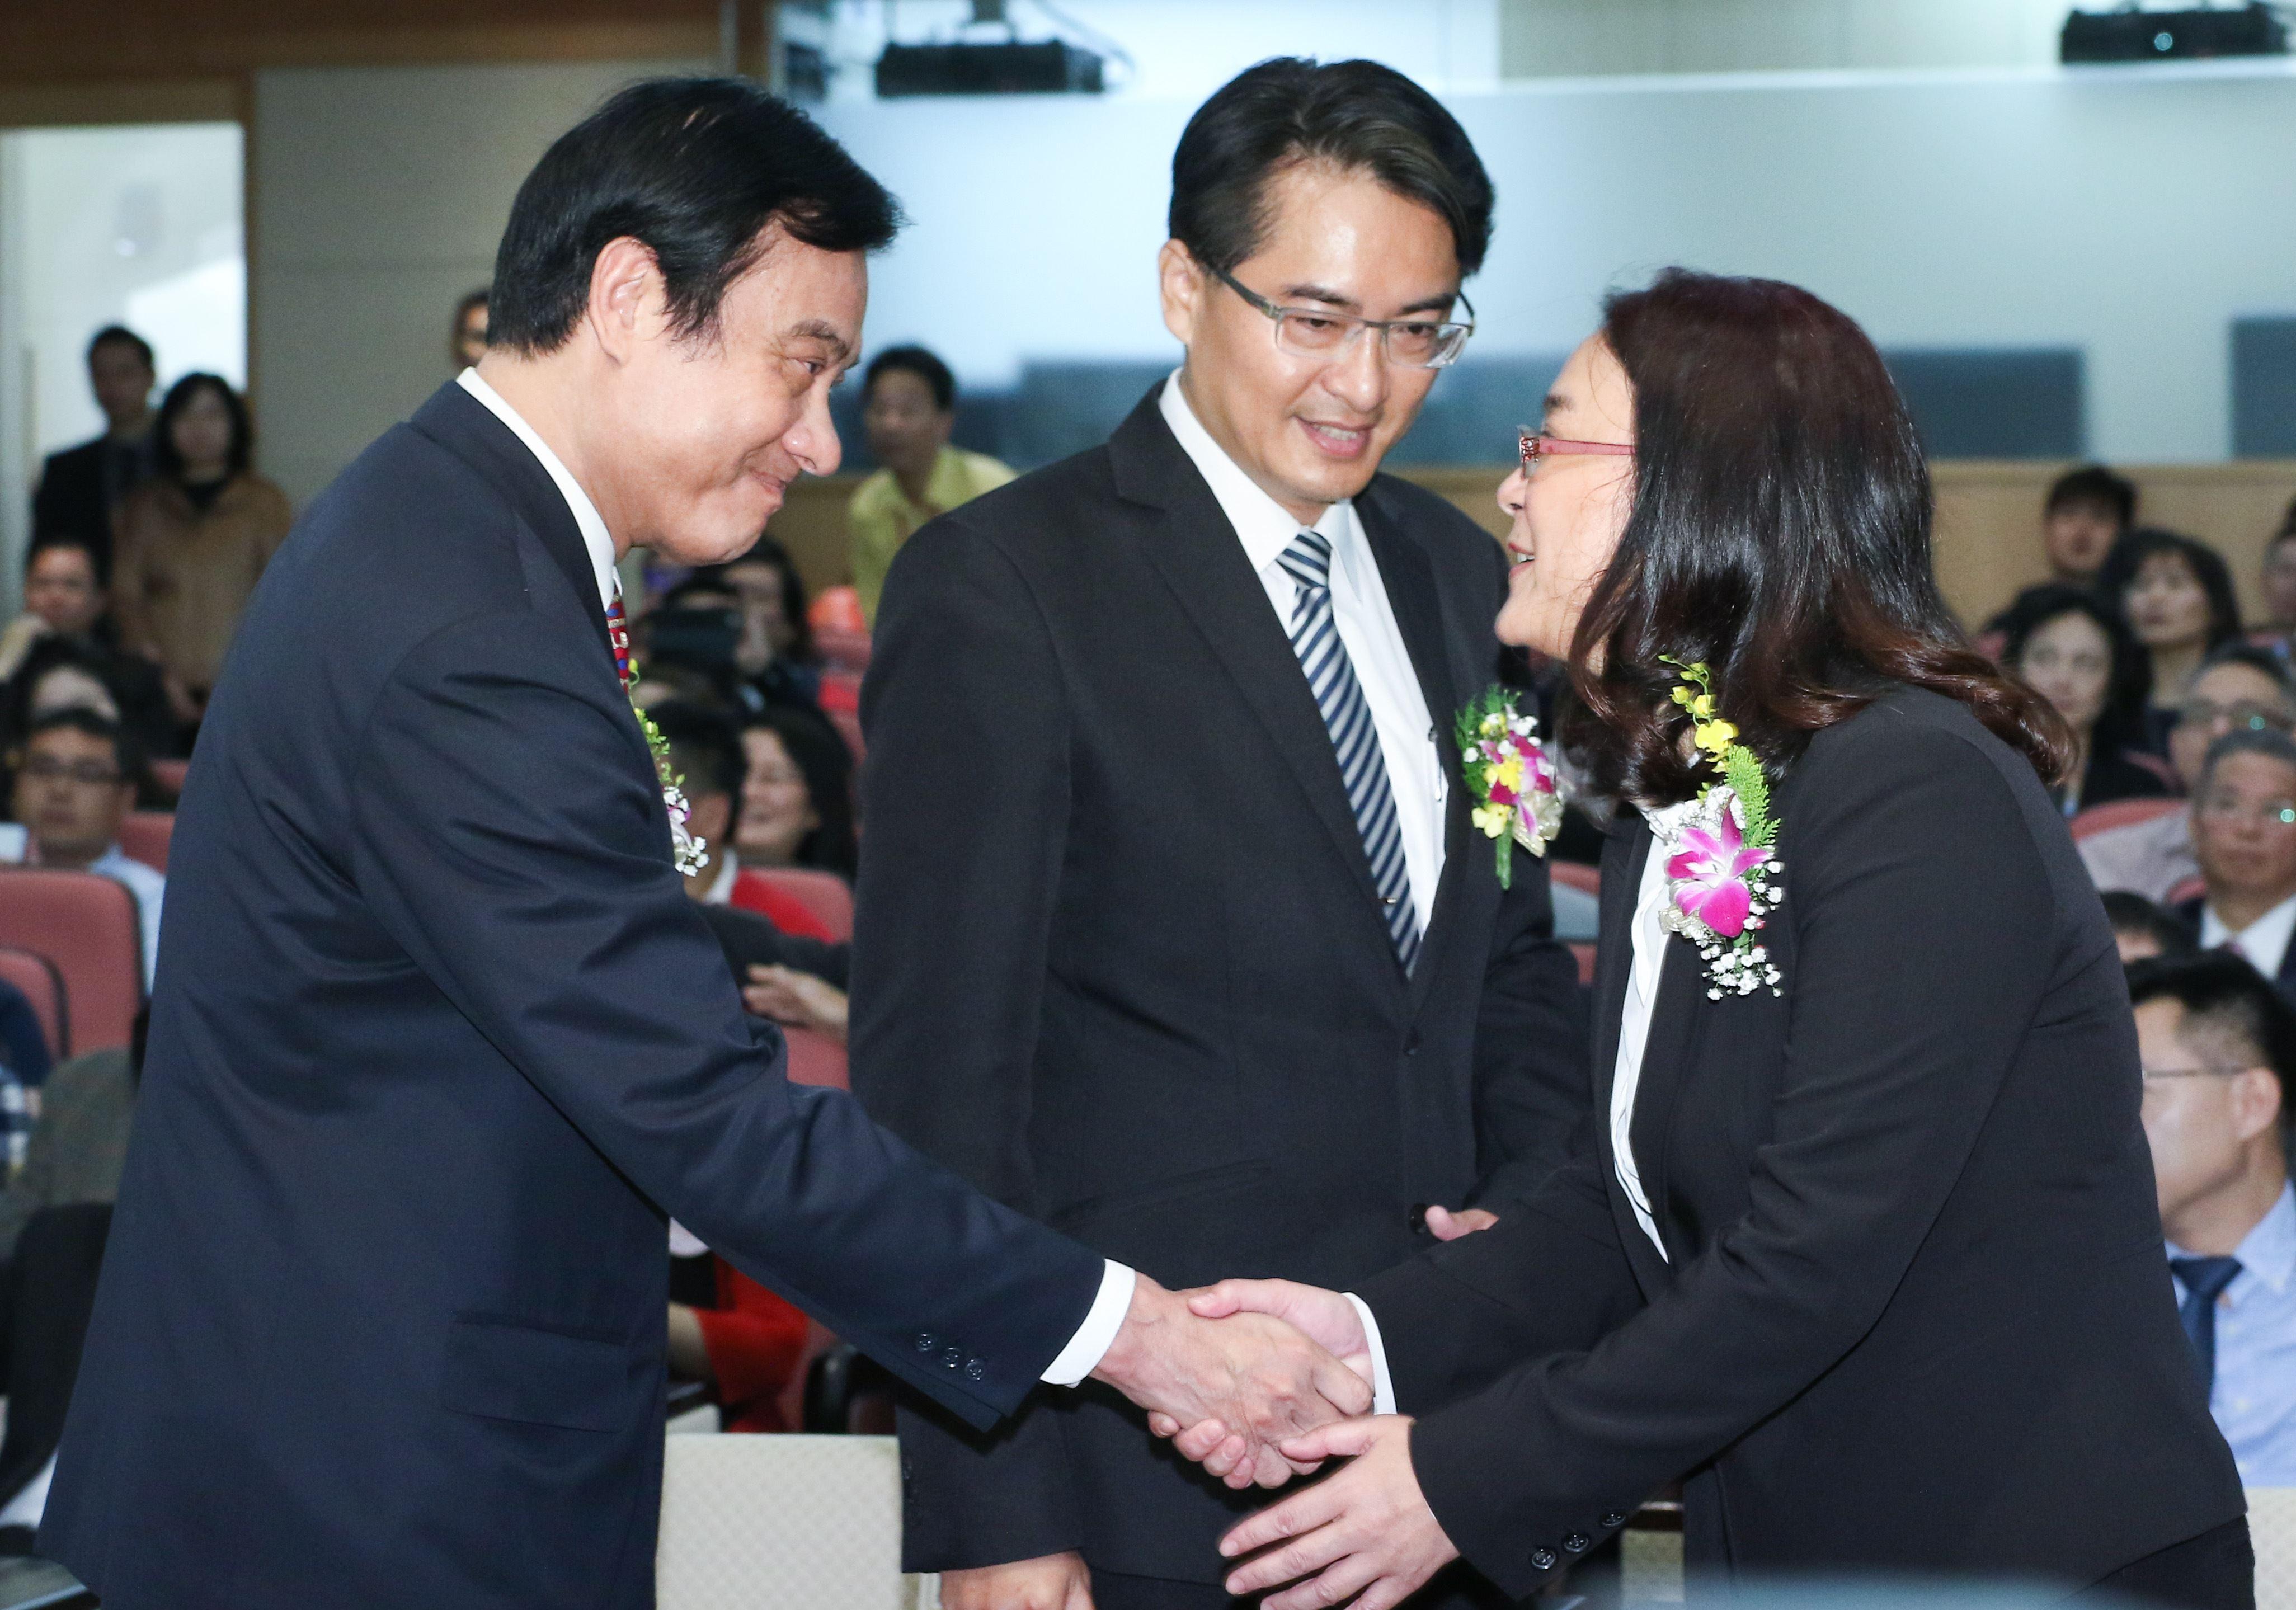 立委補選宣誓就職典禮,立法院長蘇嘉全與陳玉珍委員握手